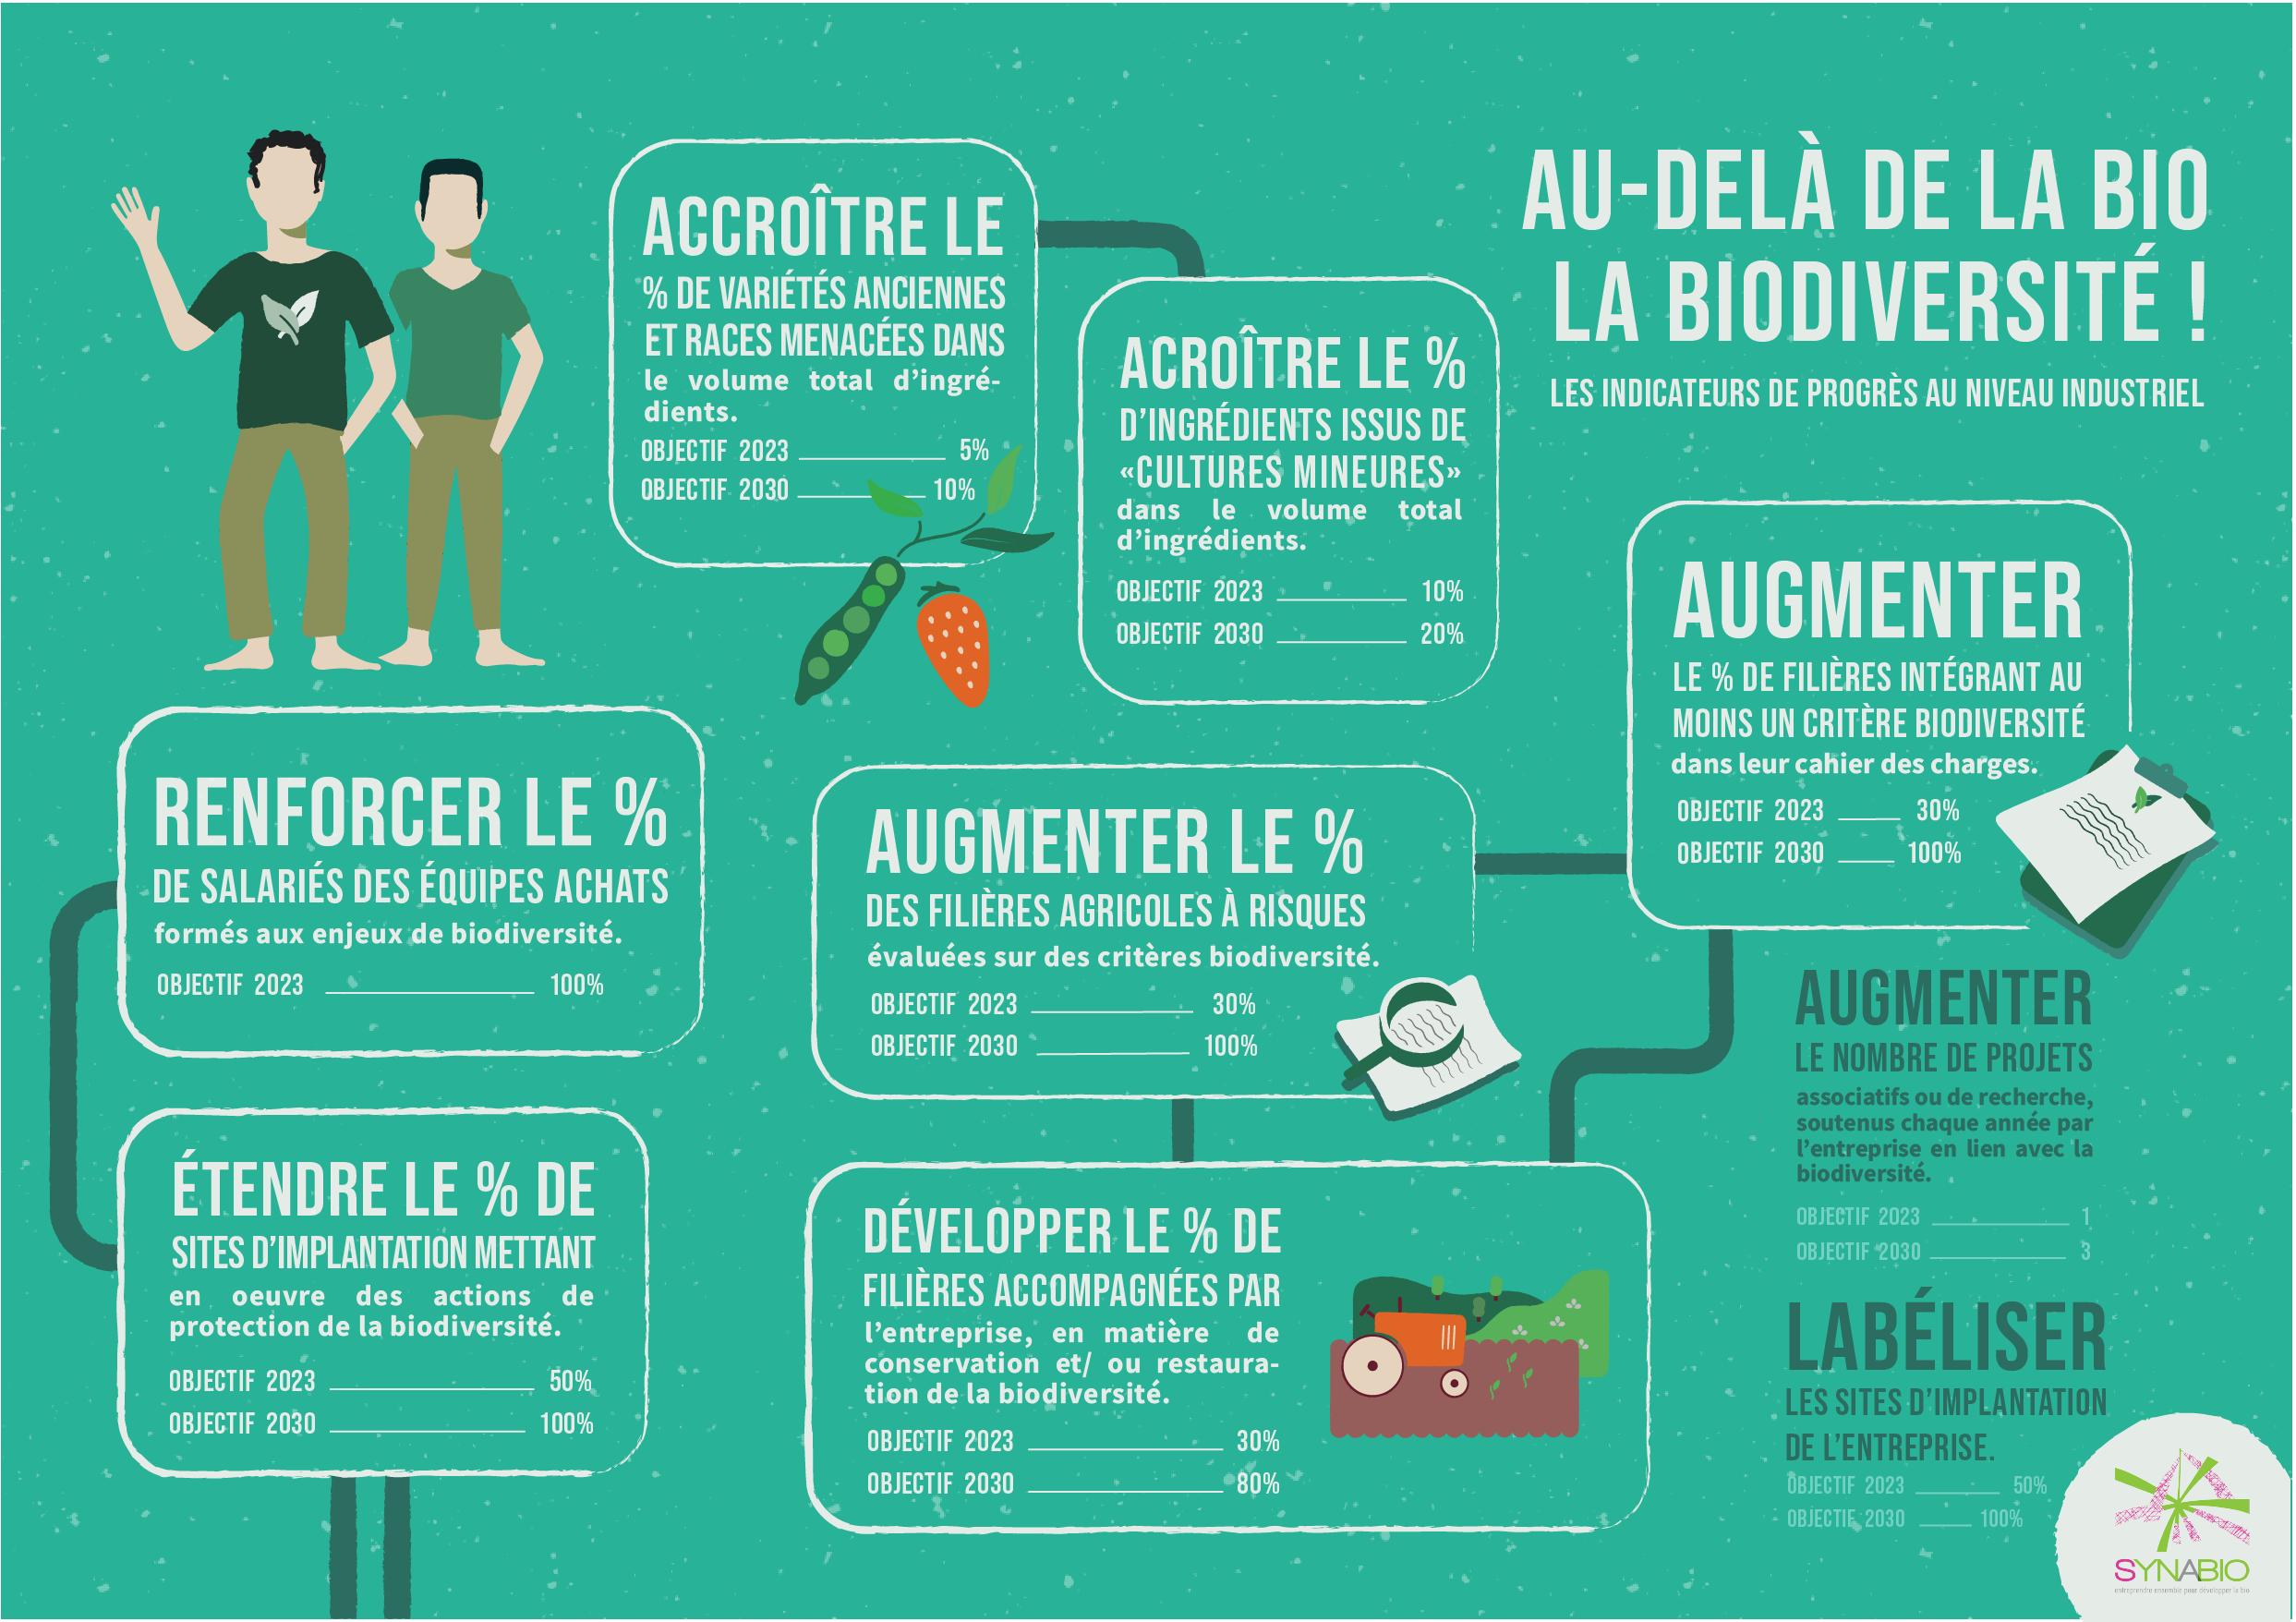 Au-delà de la bio, la biodiversité : les indicateurs de progrès au niveau industriel